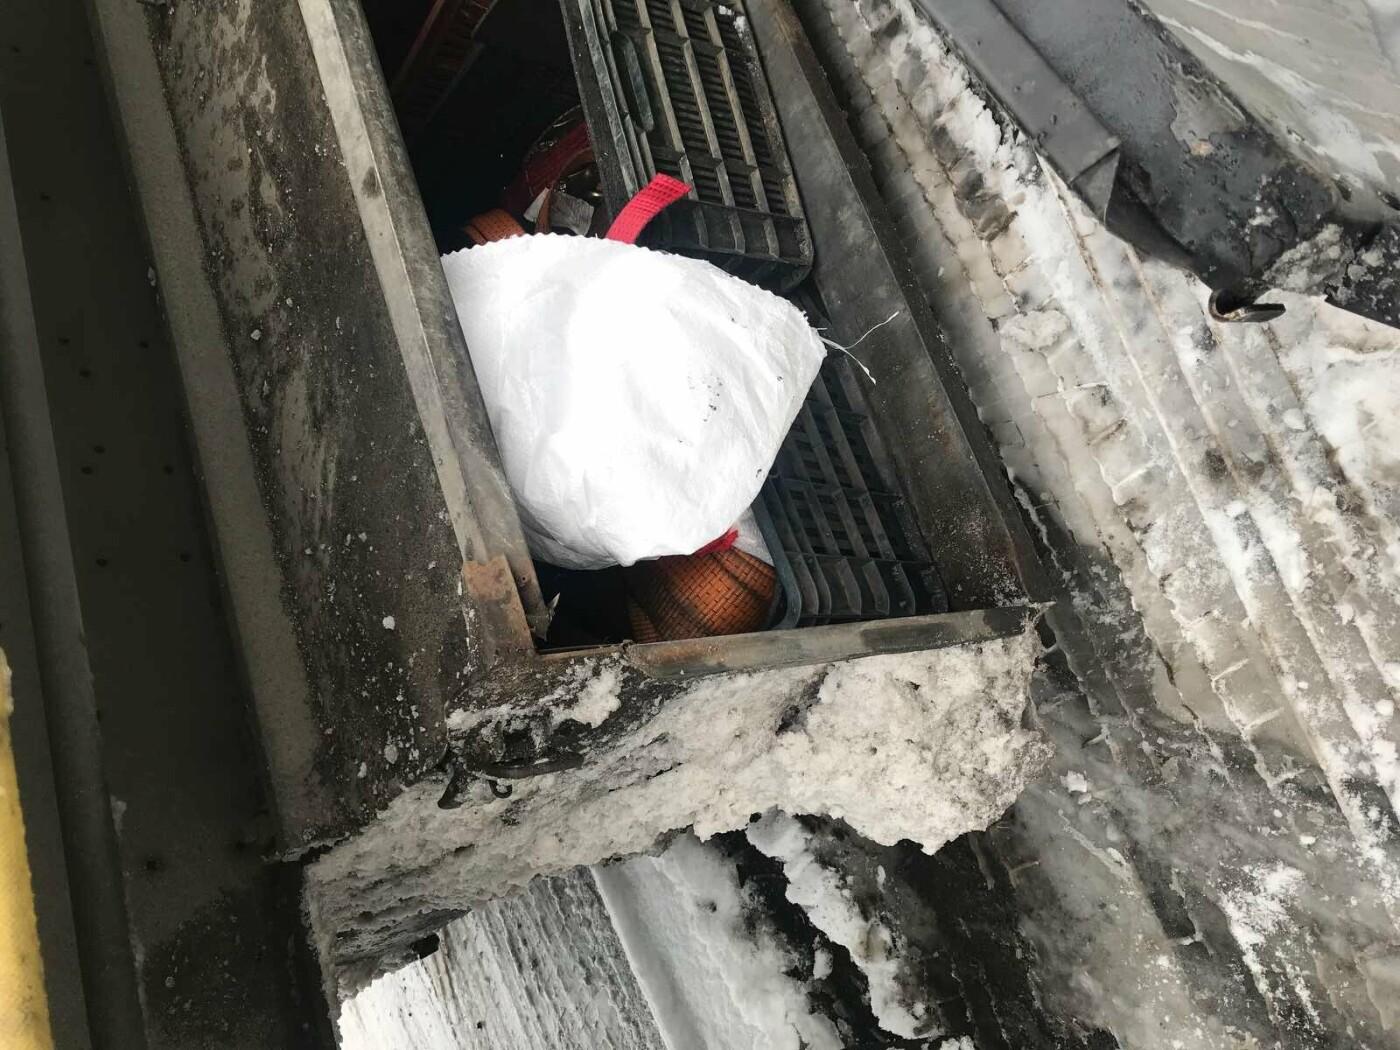 Віз на прохання знайомого: на кордоні закарпатські митники вилучили у іноземця 6,4 кг бурштину (ФОТО), фото-1